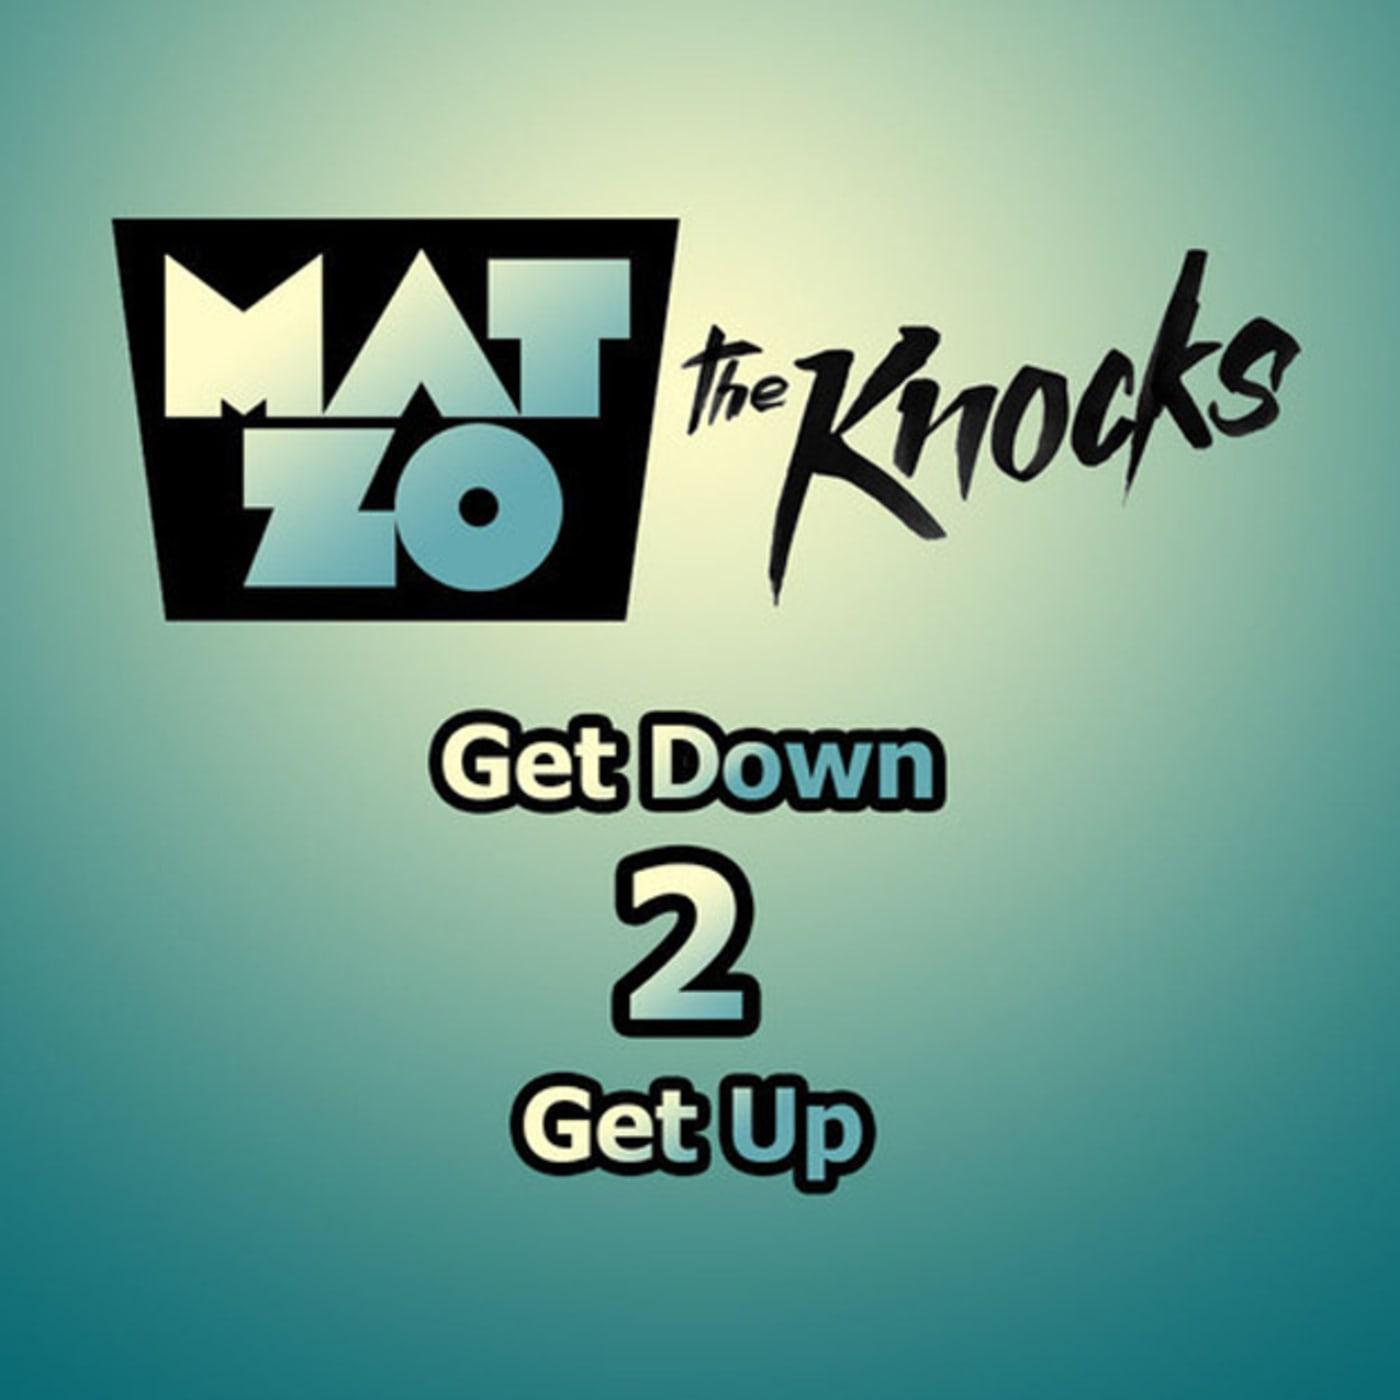 get down 2 get up